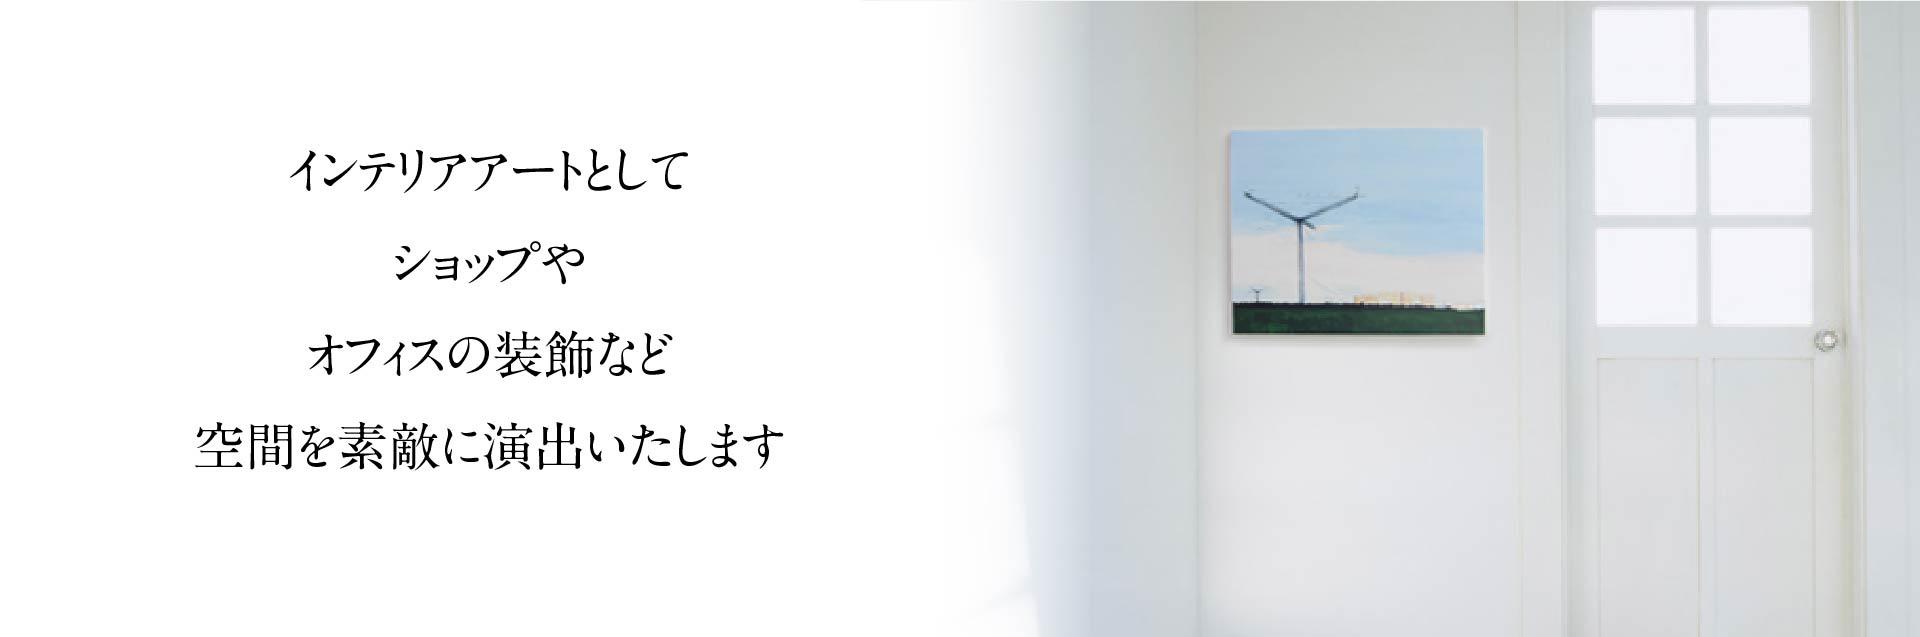 インテリアアートとしてショップやオフィスの装飾など空間を素敵に演出いたします。